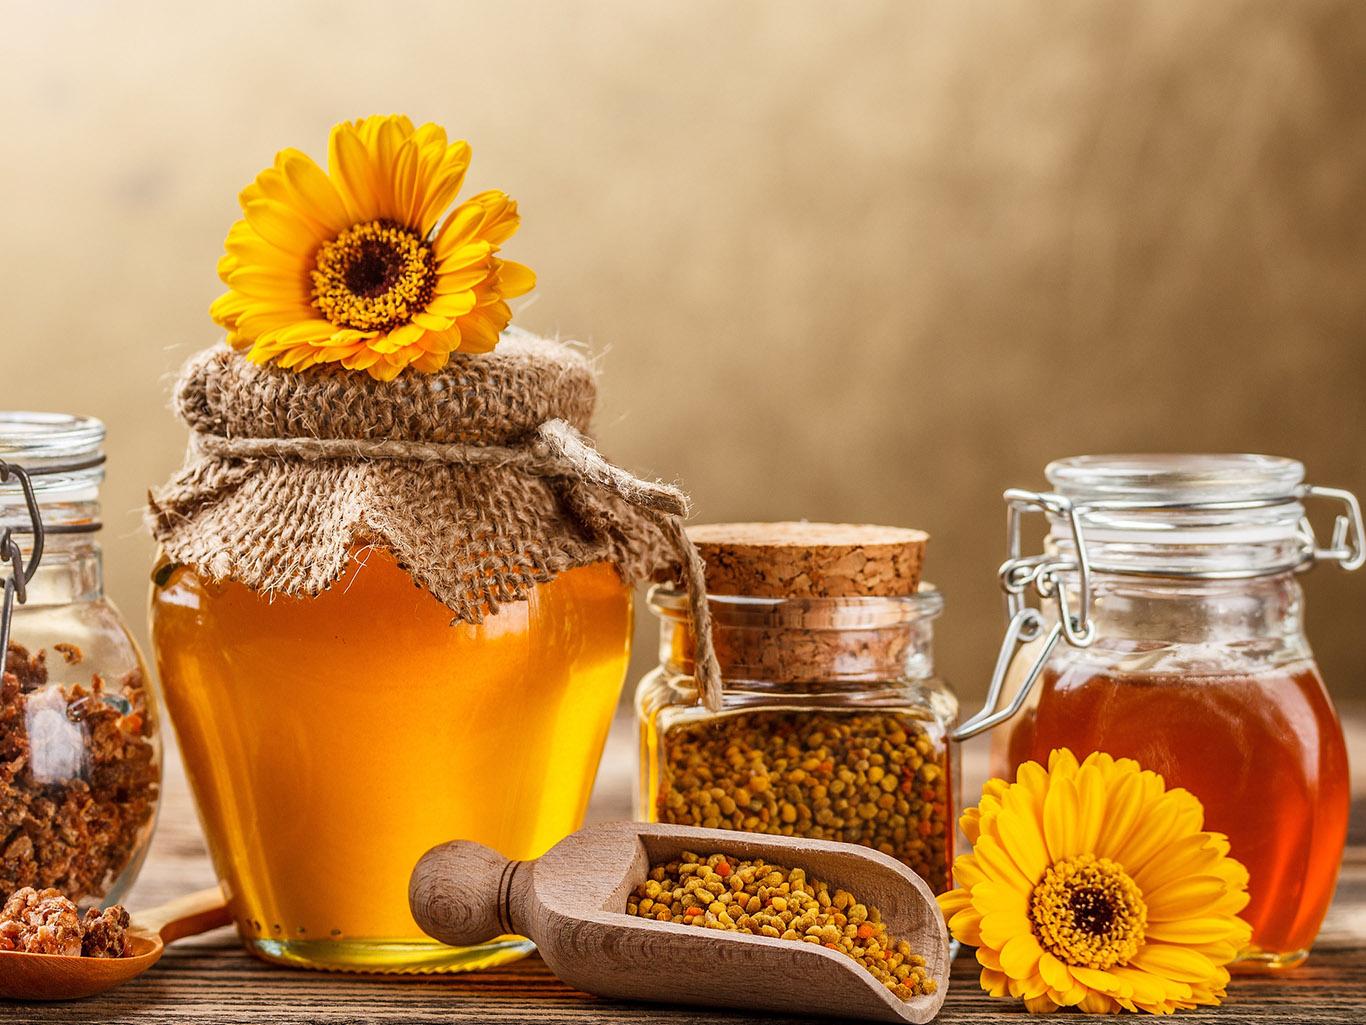 【画像】蜂蜜とろーり